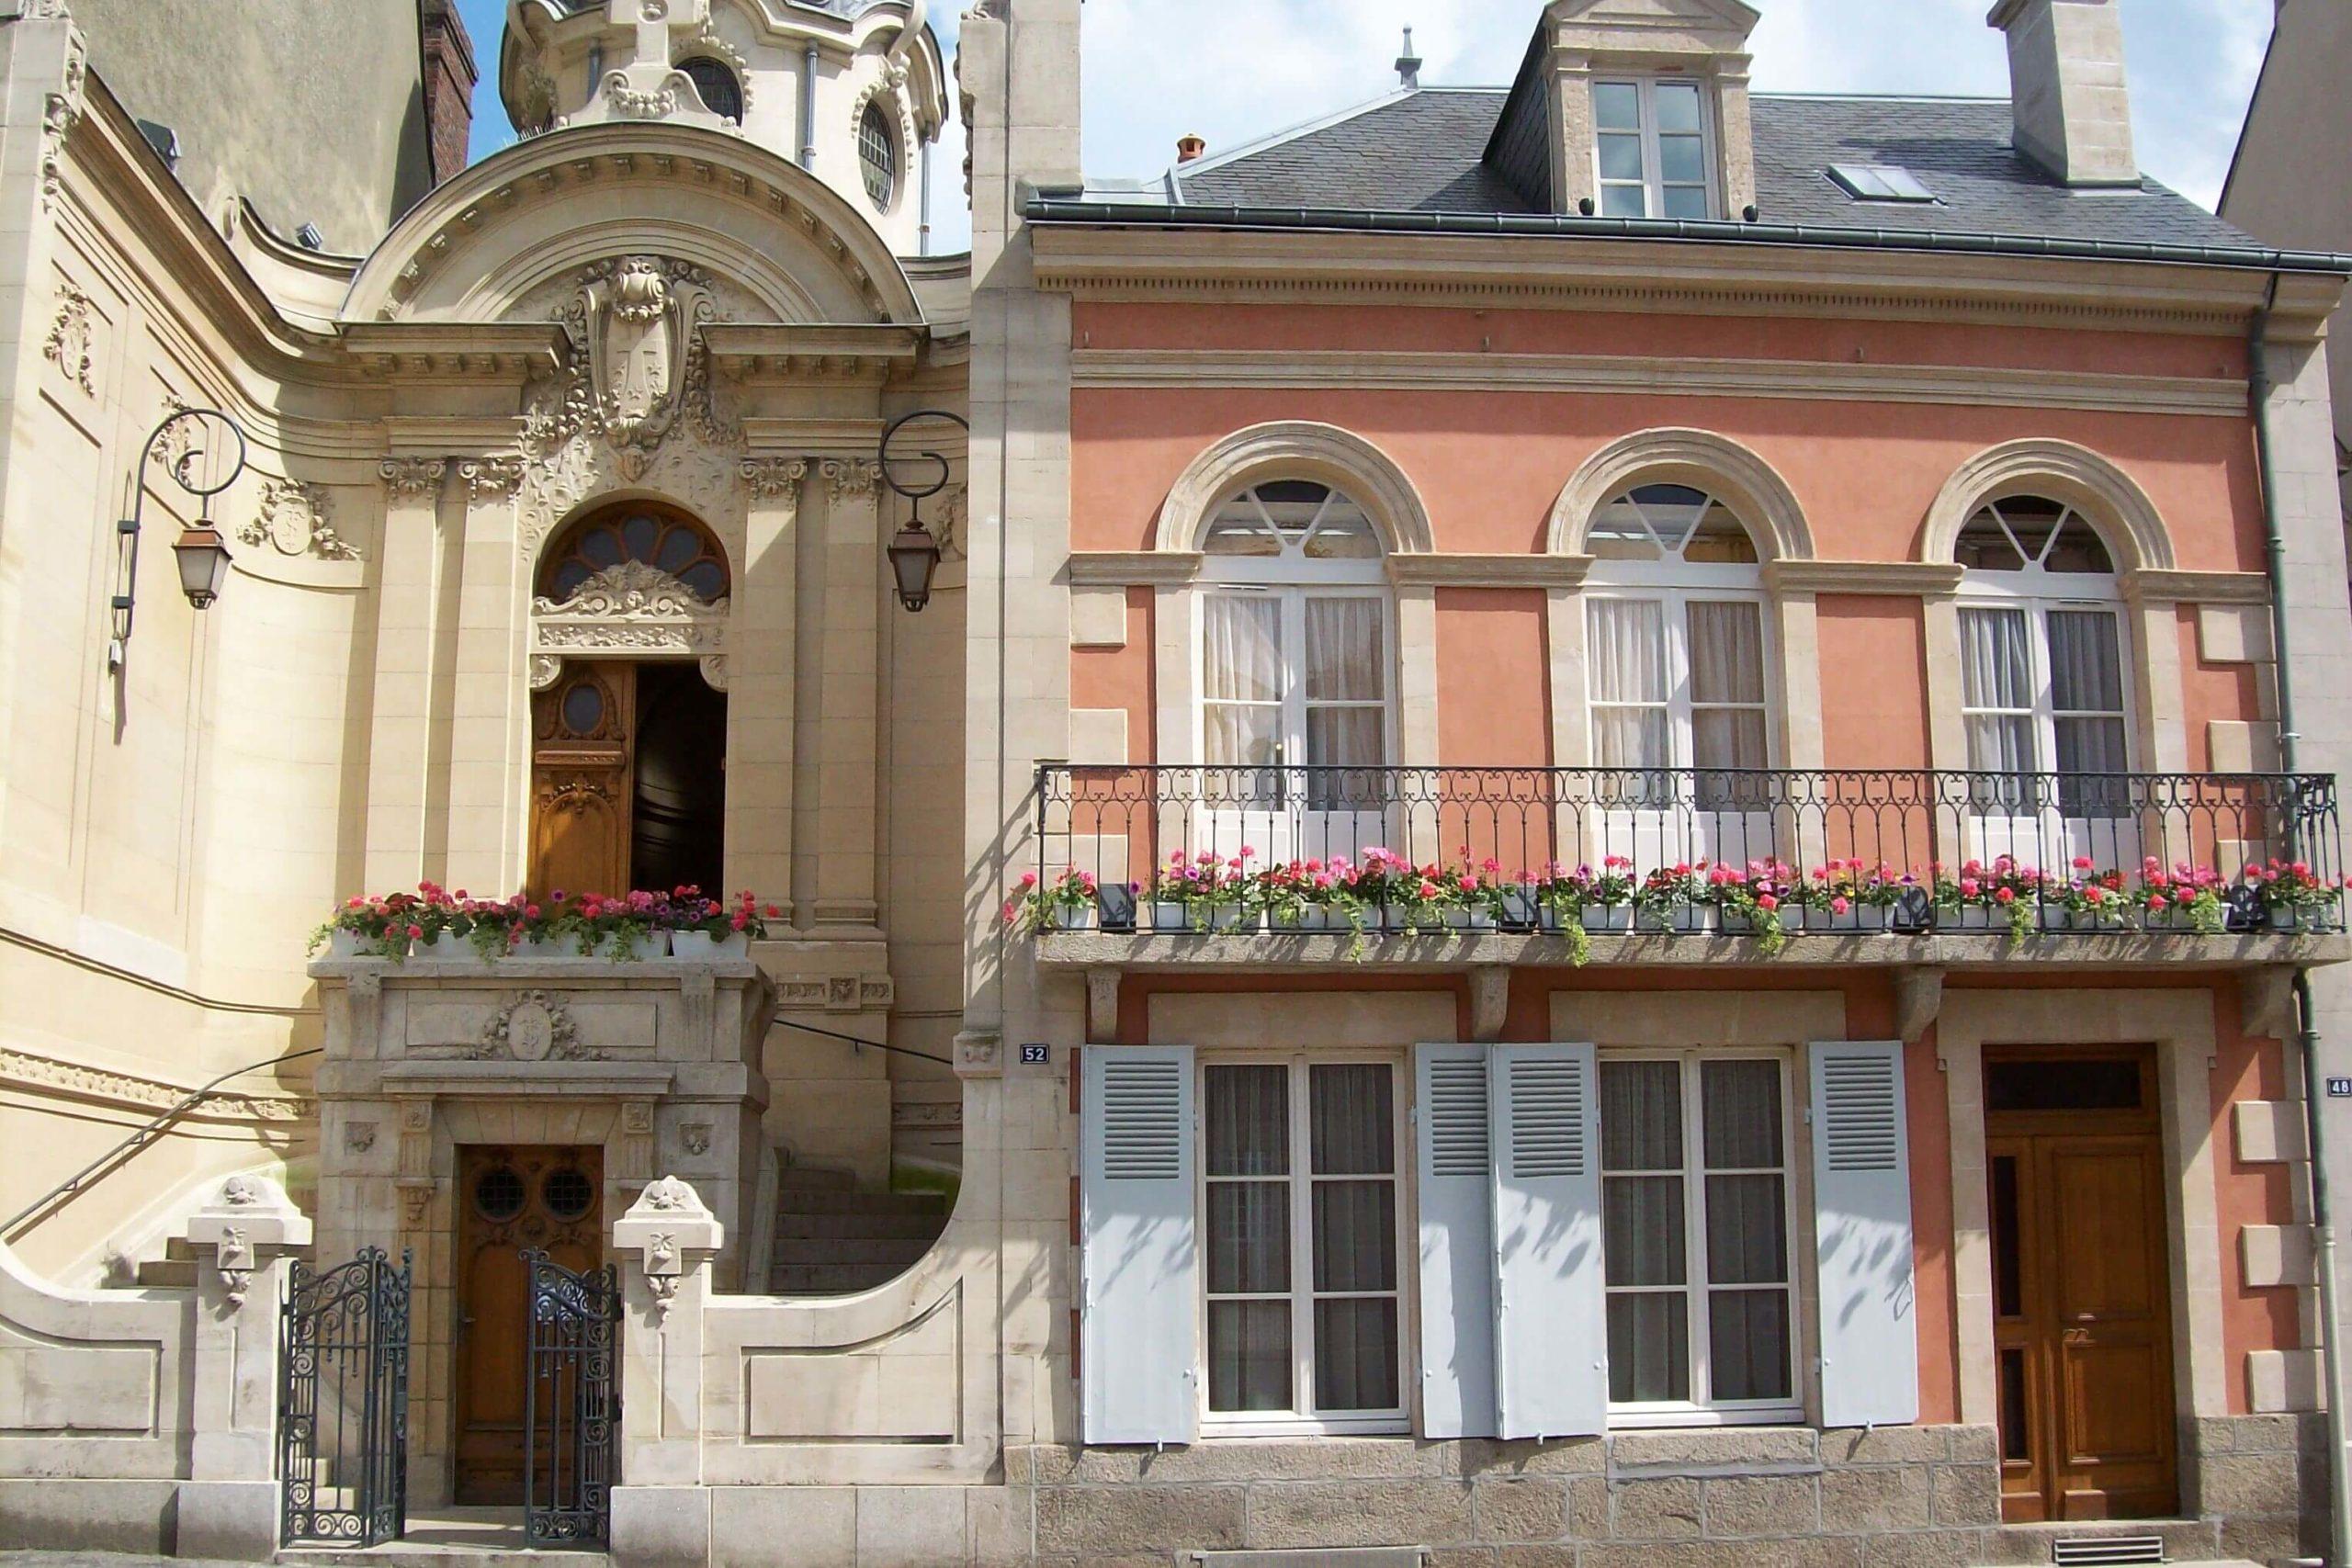 Maison de Louis et Zélie Martin - CC BY-SA 3.0 Pierre-Yves Emile (1)